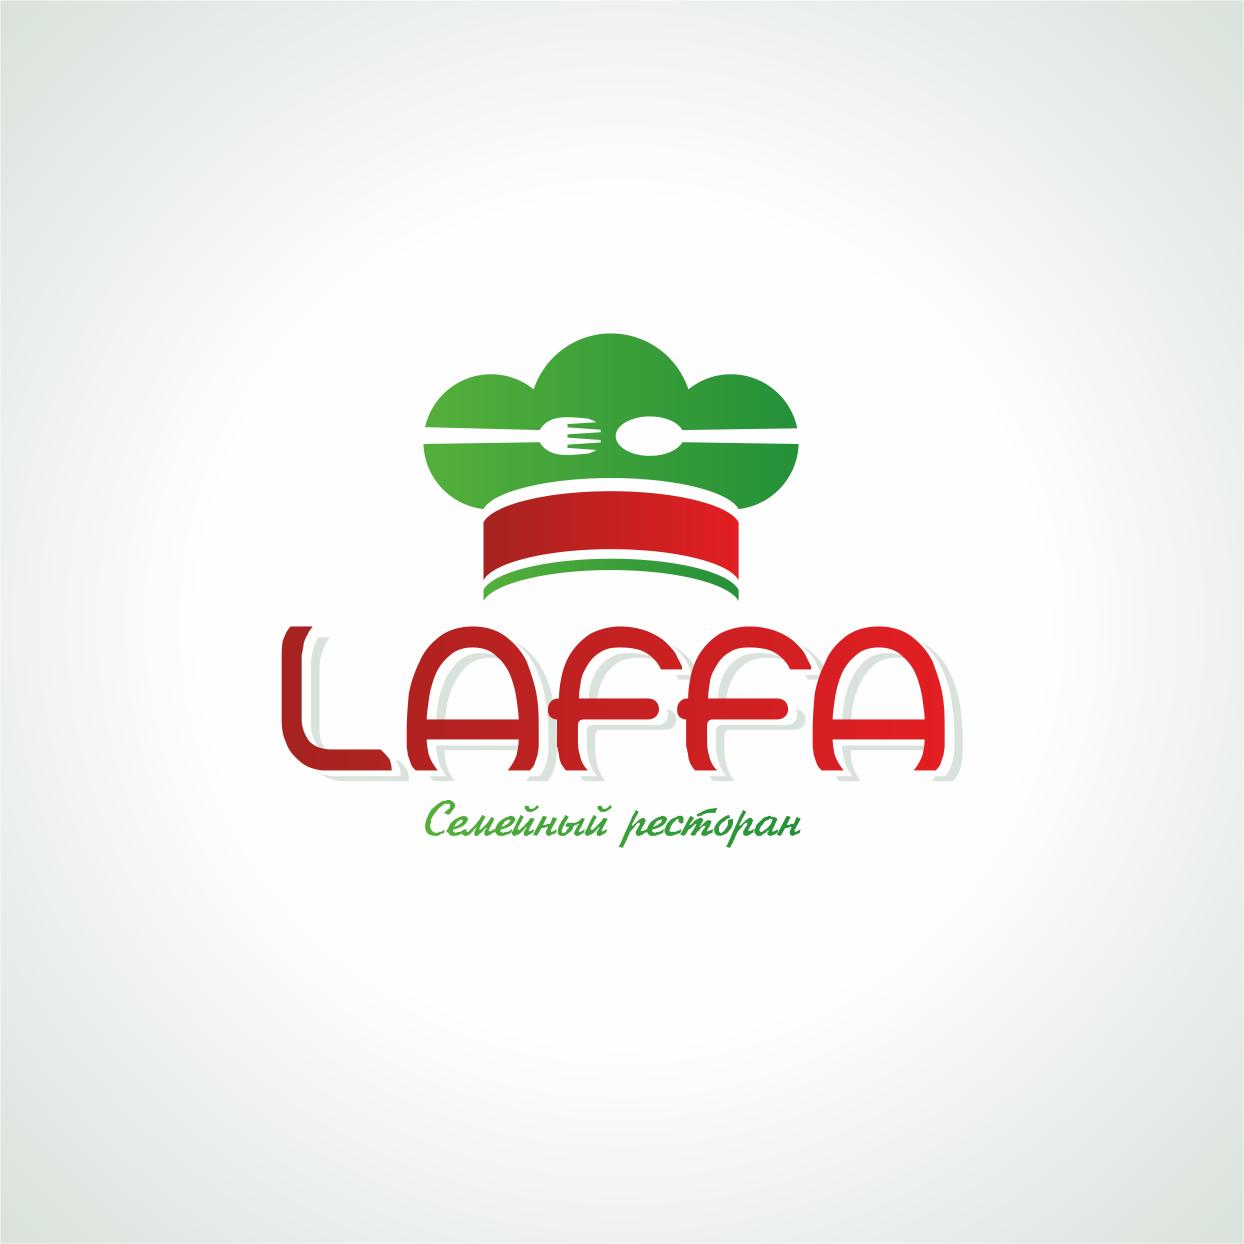 Нужно нарисовать логотип для семейного итальянского ресторан фото f_909554b3569557df.png